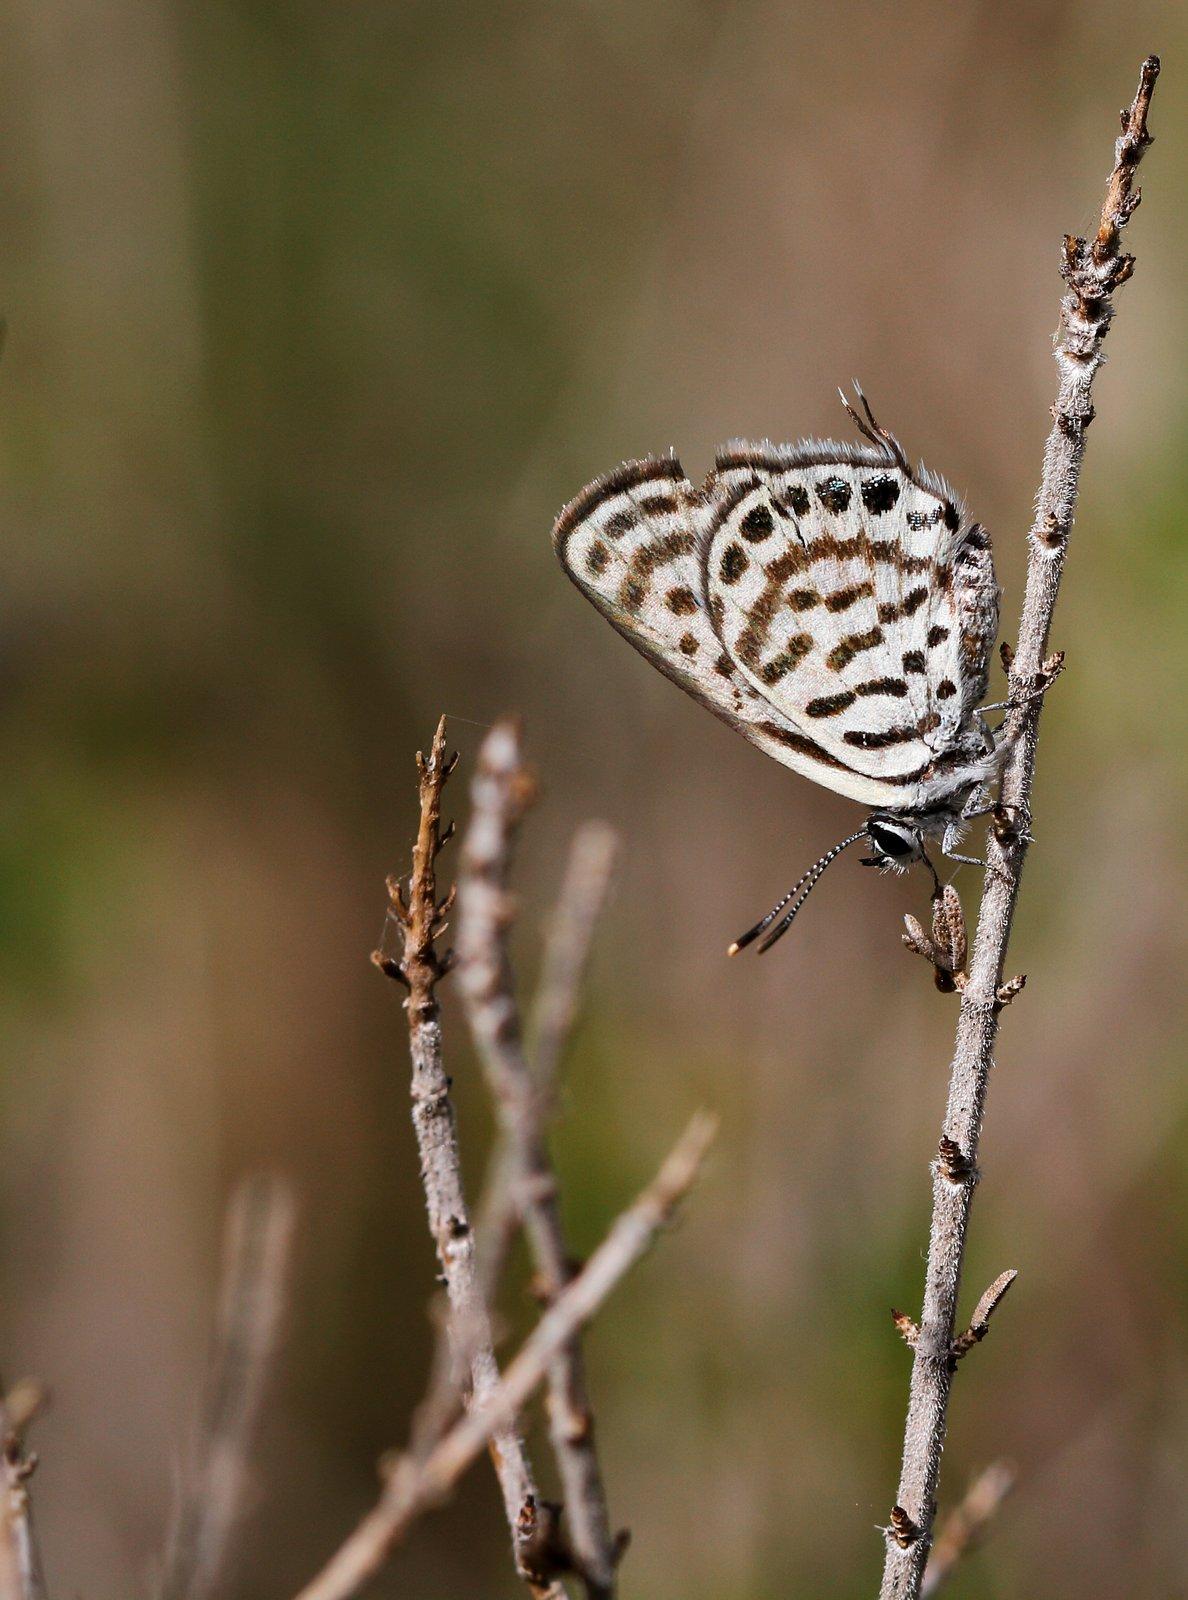 Lille tigerfugl, Tarucus balkanicus - Grækenland - 29.4.2016